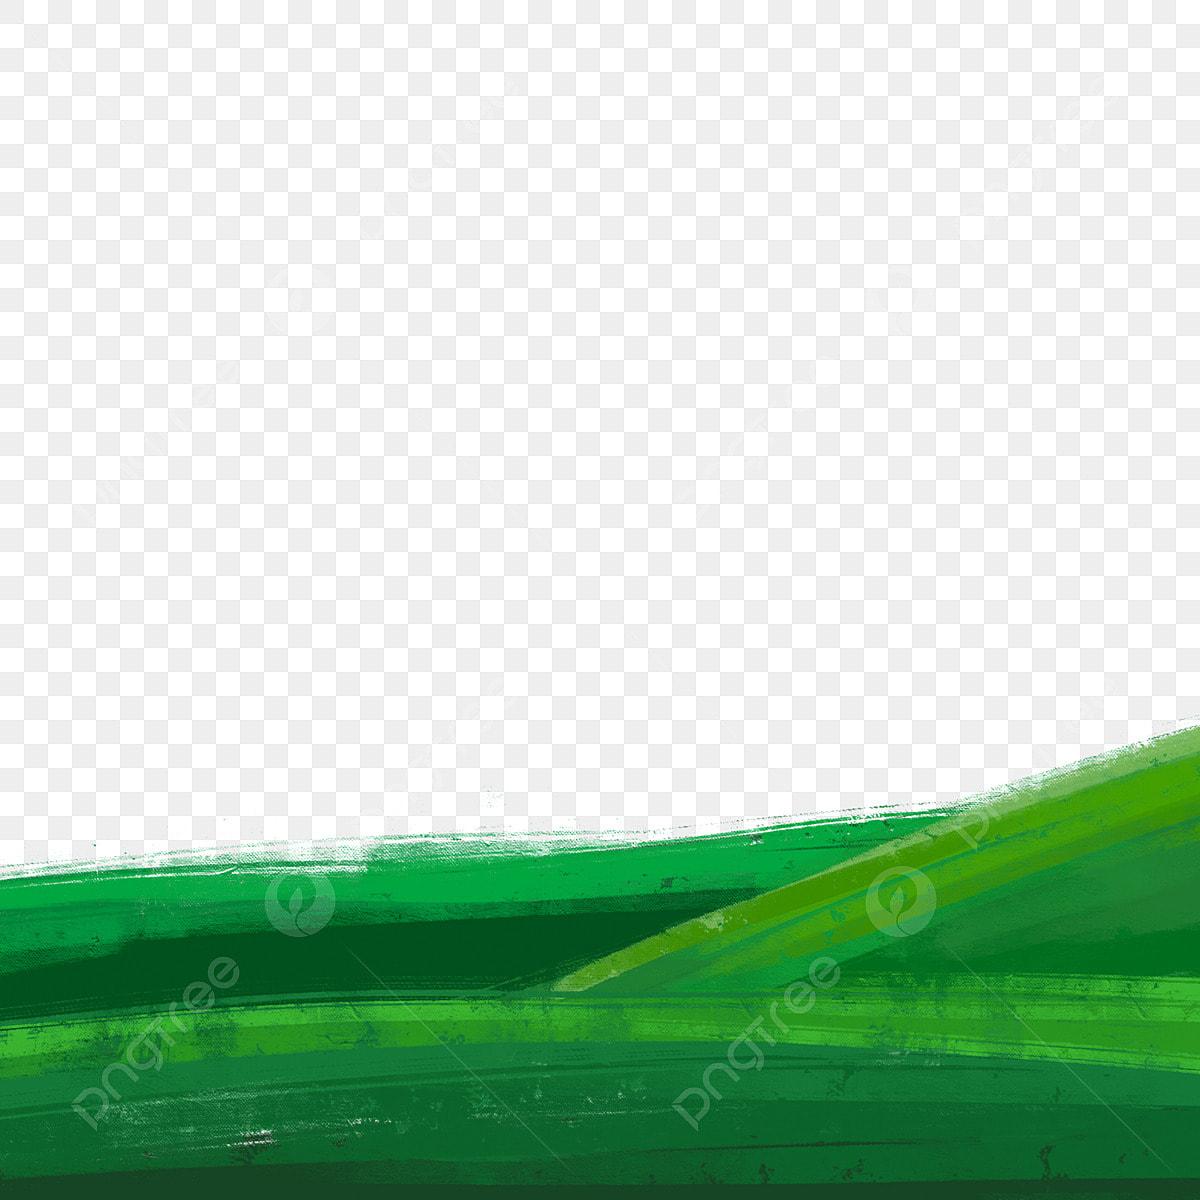 Llanura Pastizales Pradera Llanura Verde, Descargar, Hierba, Decoración De  Dibujos Animados PNG y PSD para Descargar Gratis | Pngtree